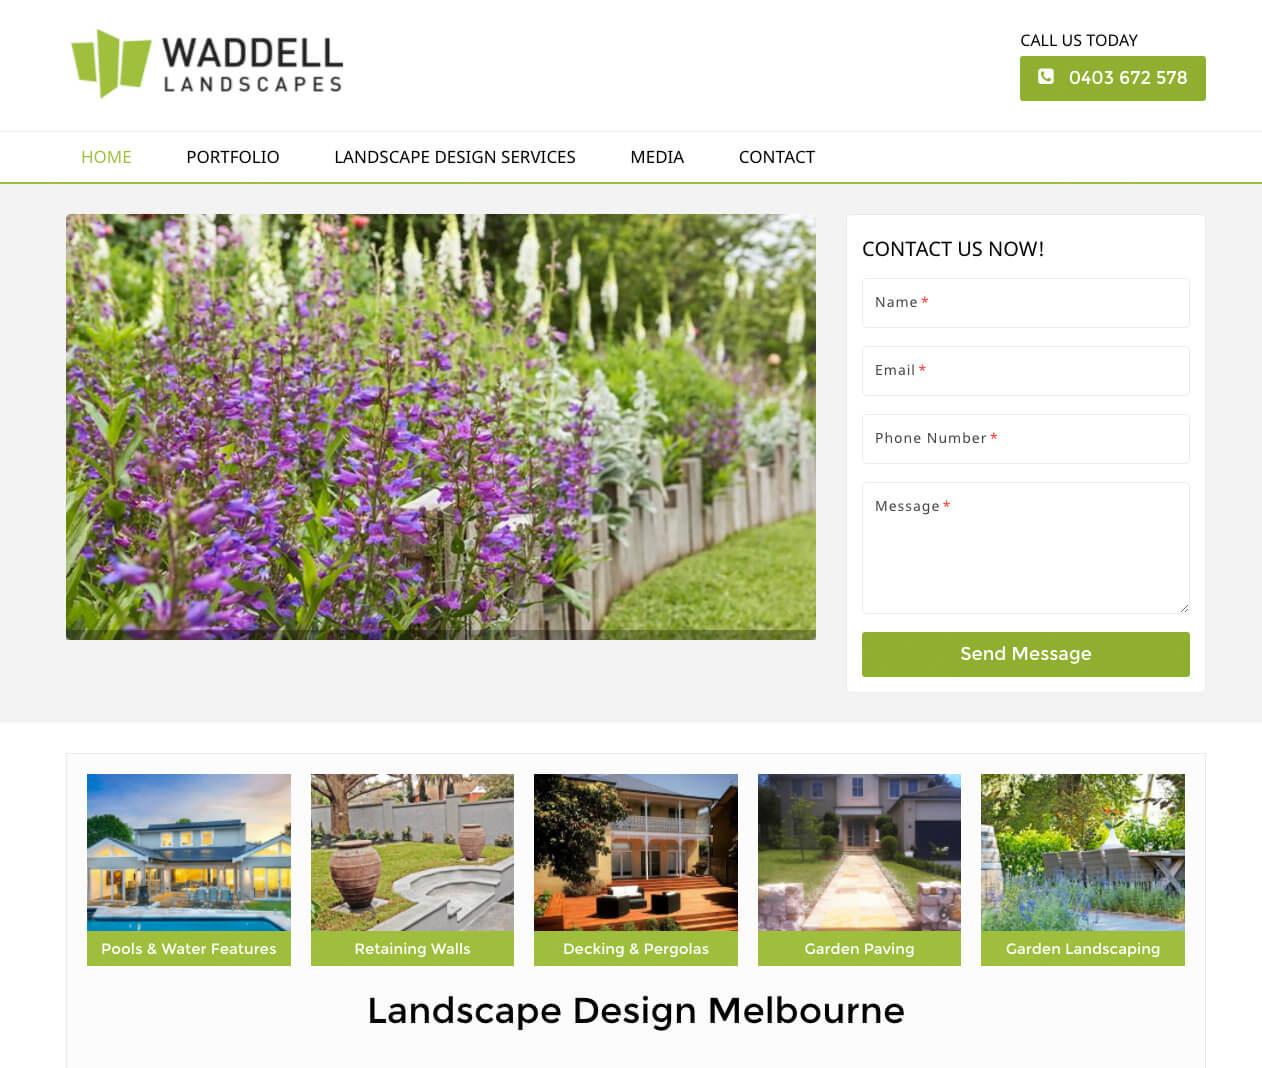 waddell-landscapes-web-design